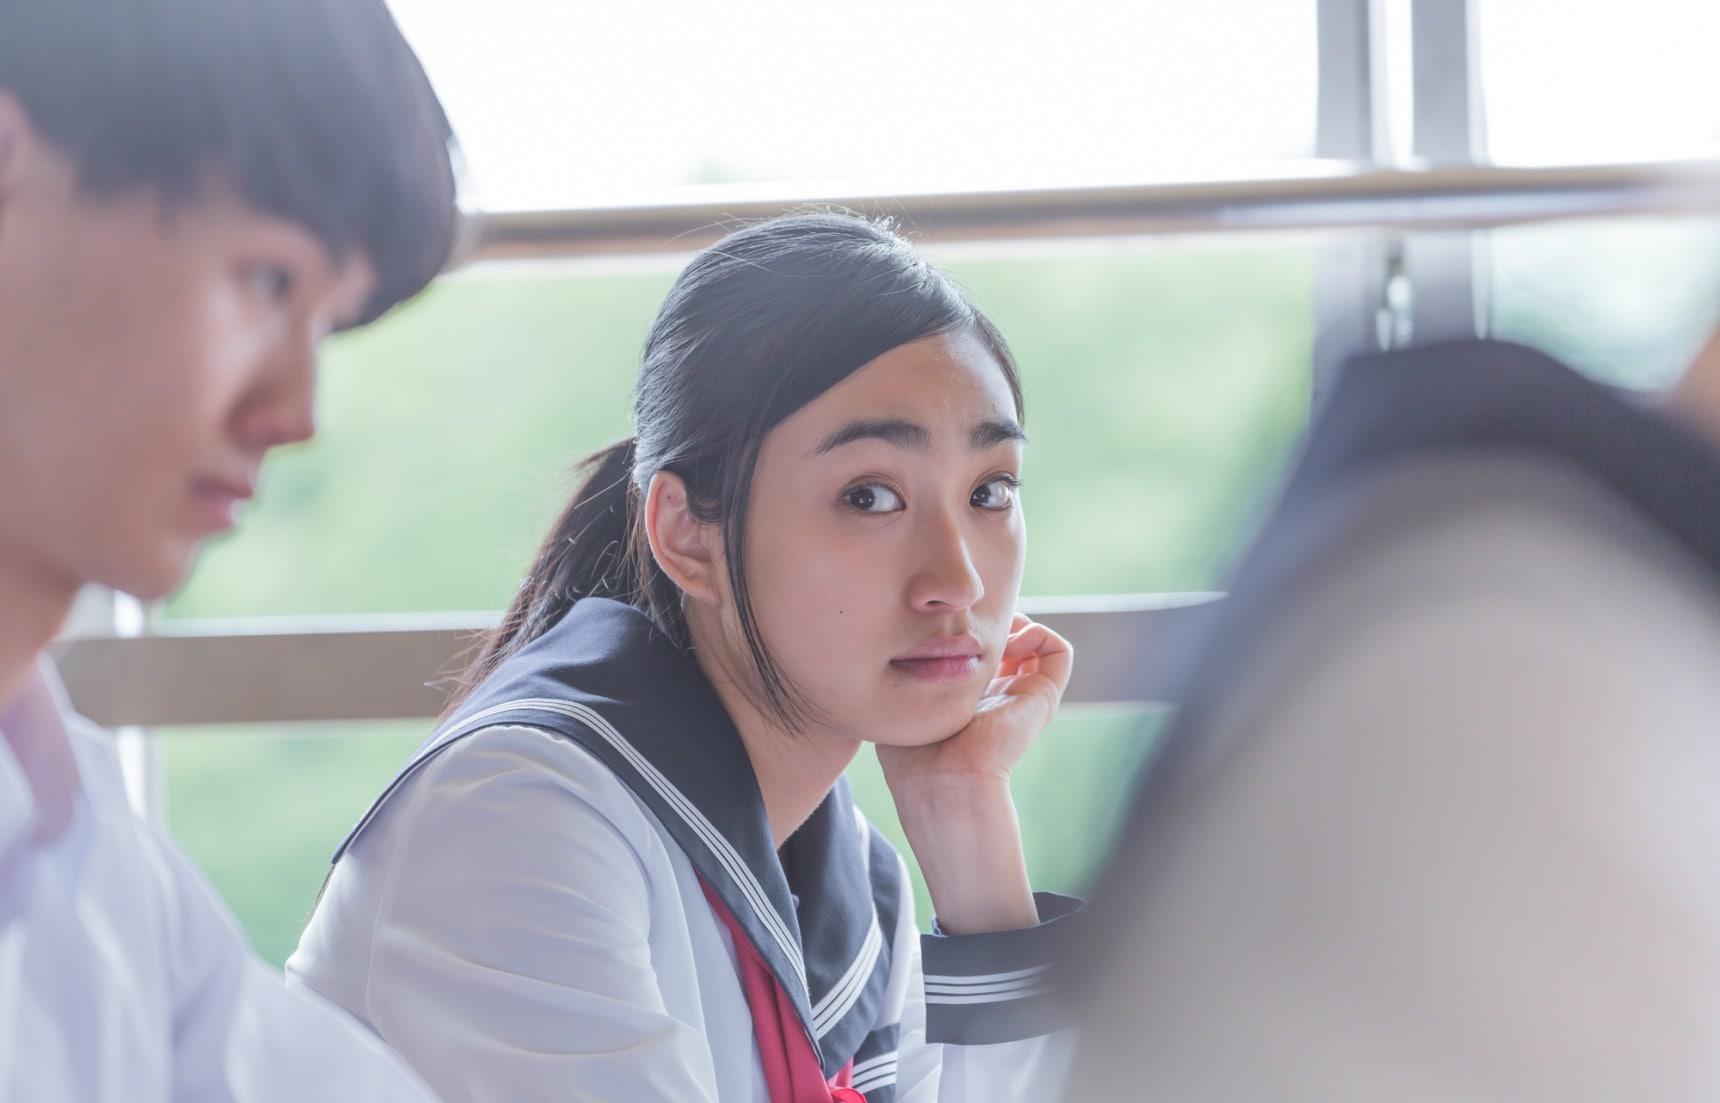 5 สัญญาณว่าสาวๆมีใจให้ชายหนุ่ม ฉบับญี่ปุ่น